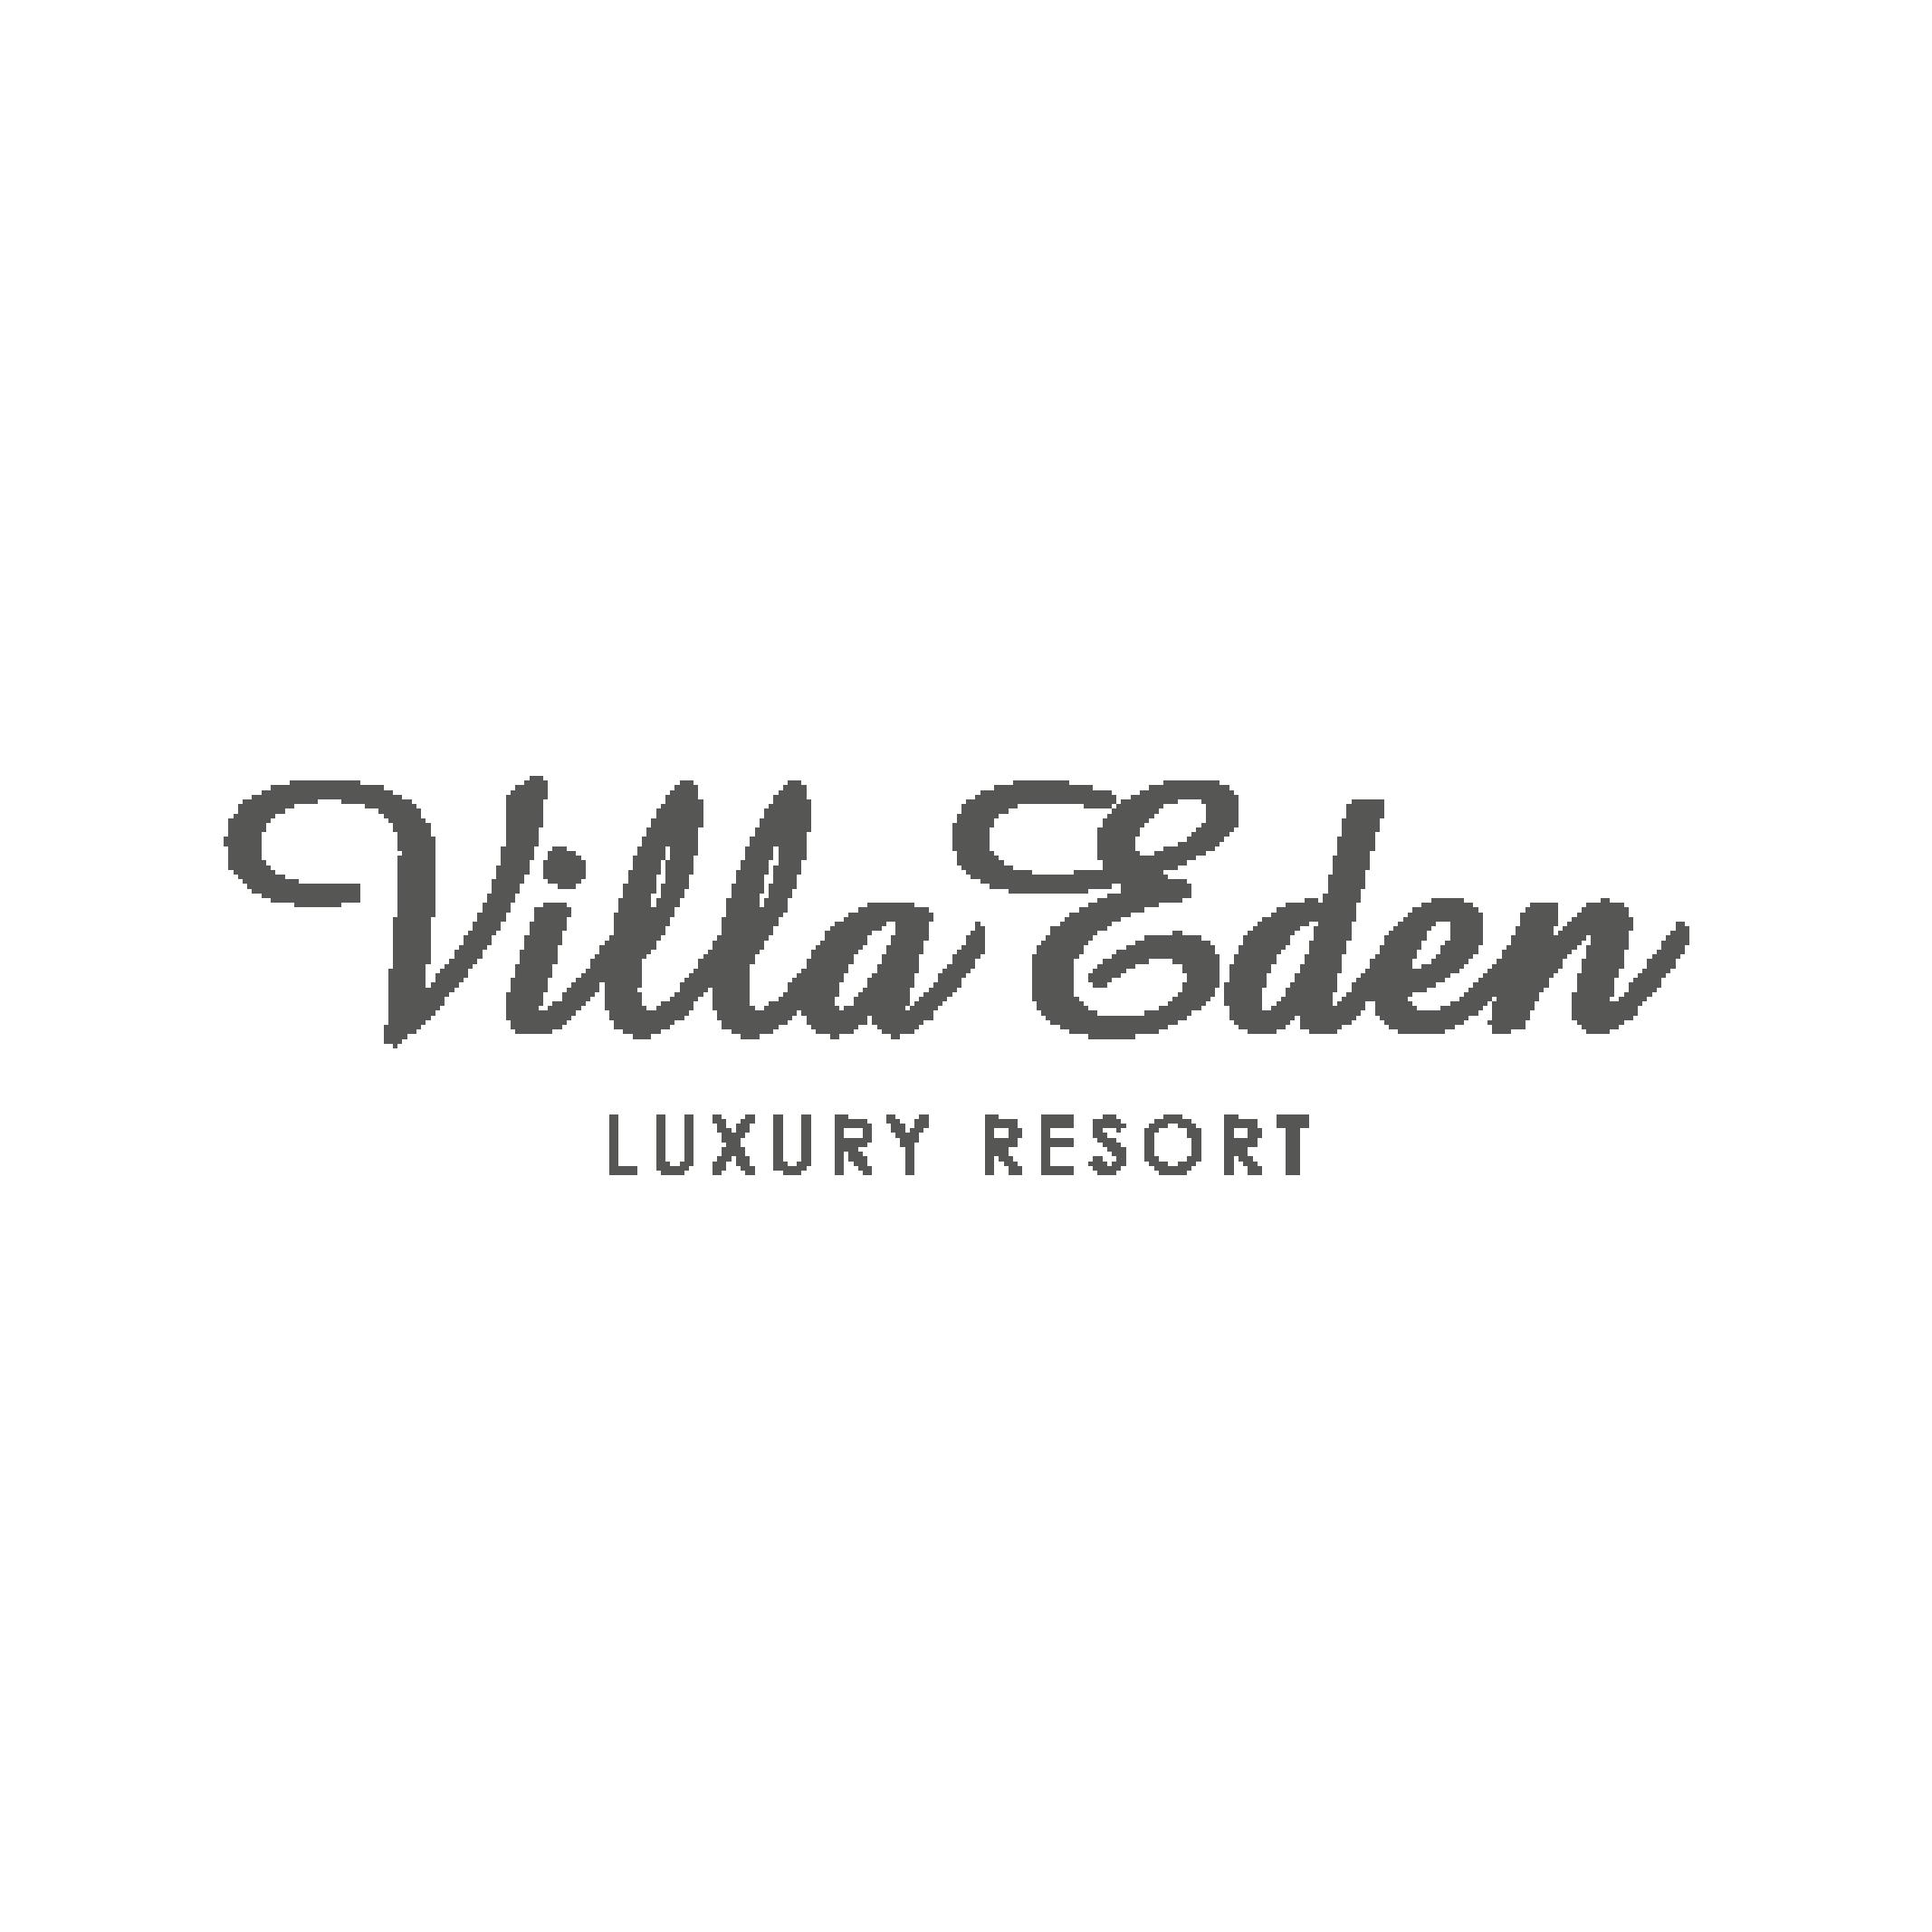 https://www.influxmediahouse.com/wp-content/uploads/2020/01/Logo_VEG-colour.png